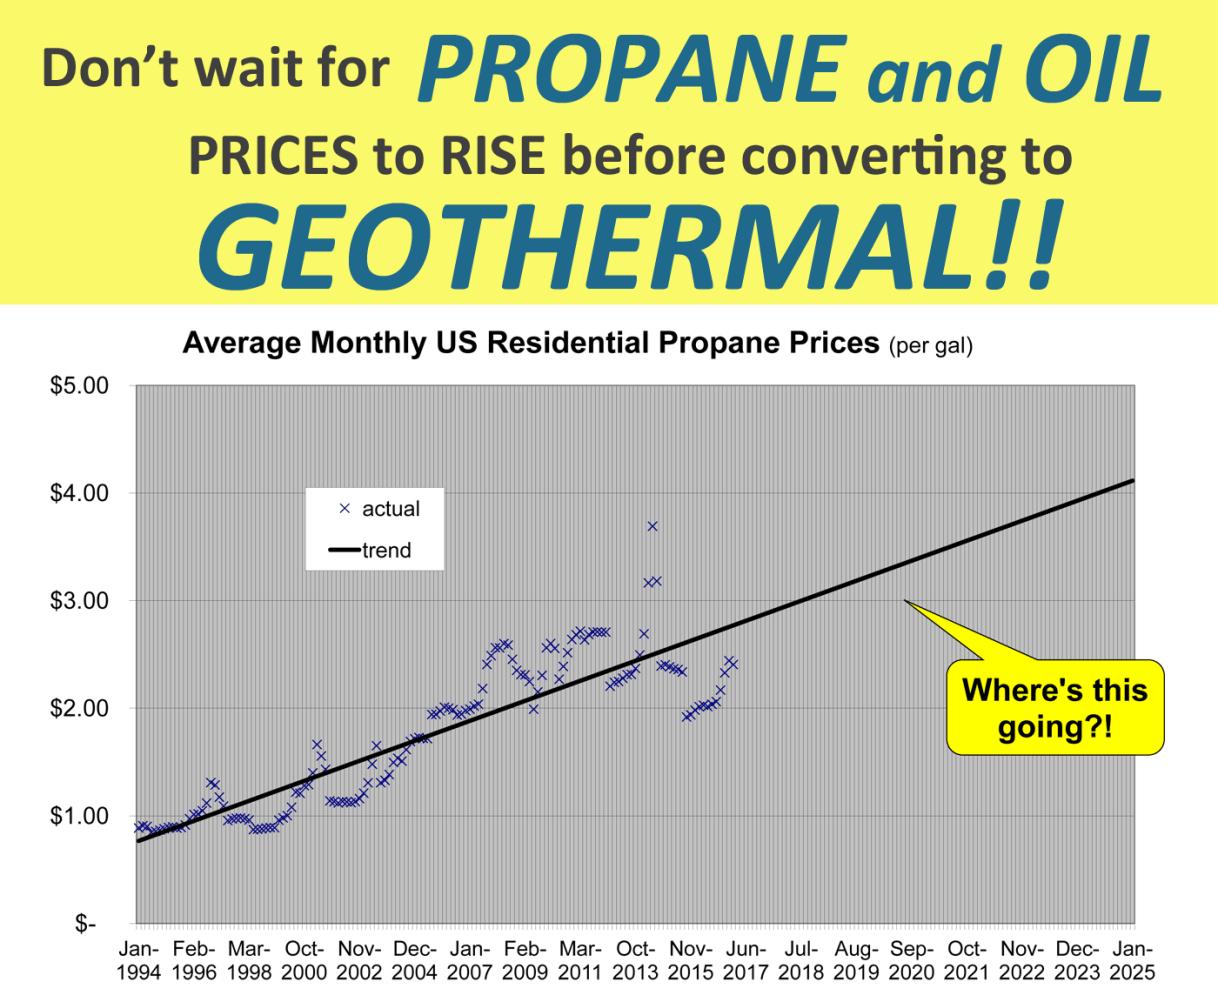 Geothermal Net Savings